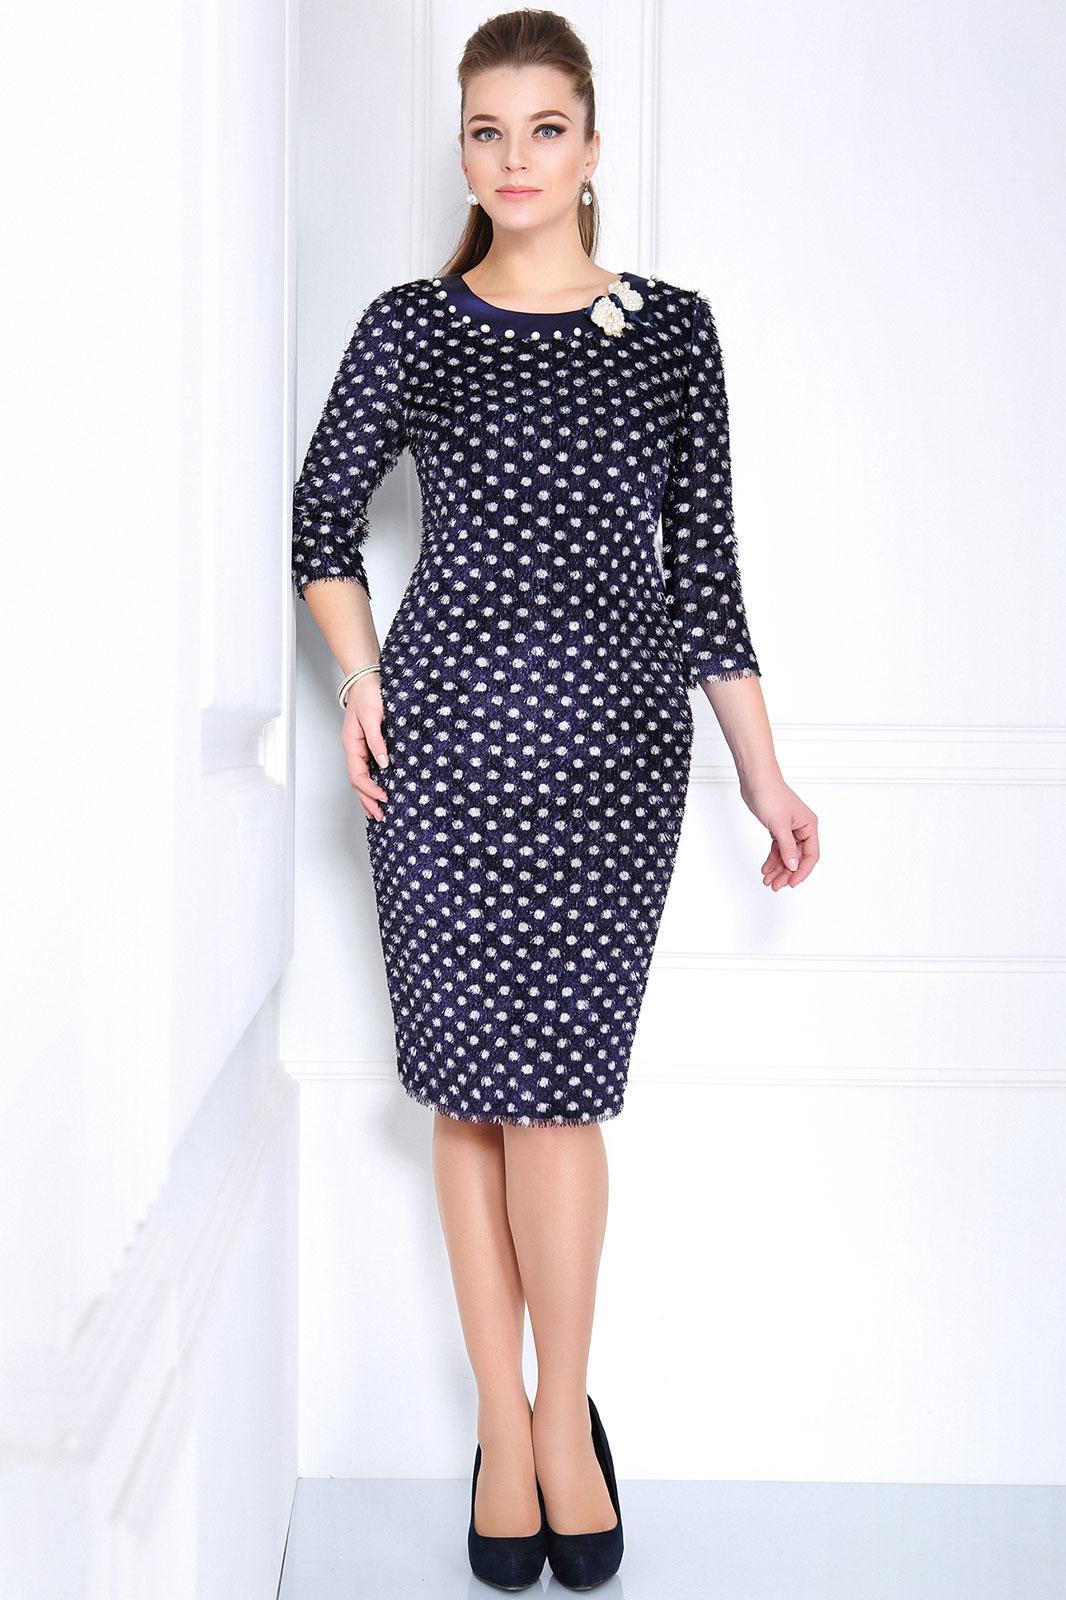 Купить Платье Matini, 31039 горохи на синем, Беларусь